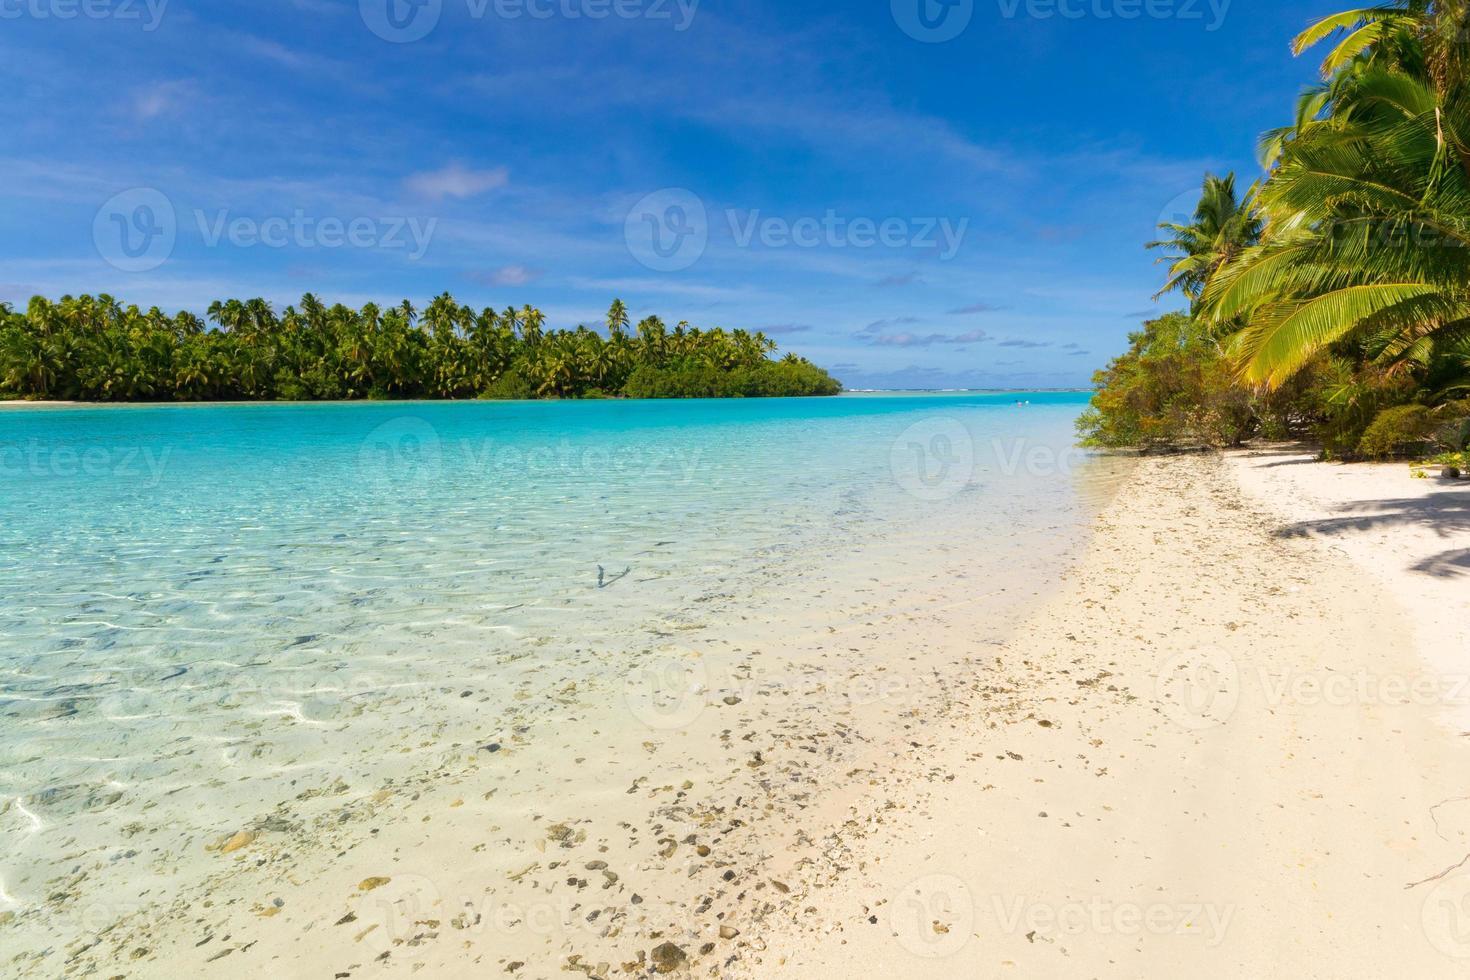 lagoa de aitutaki, ilha de um pé foto